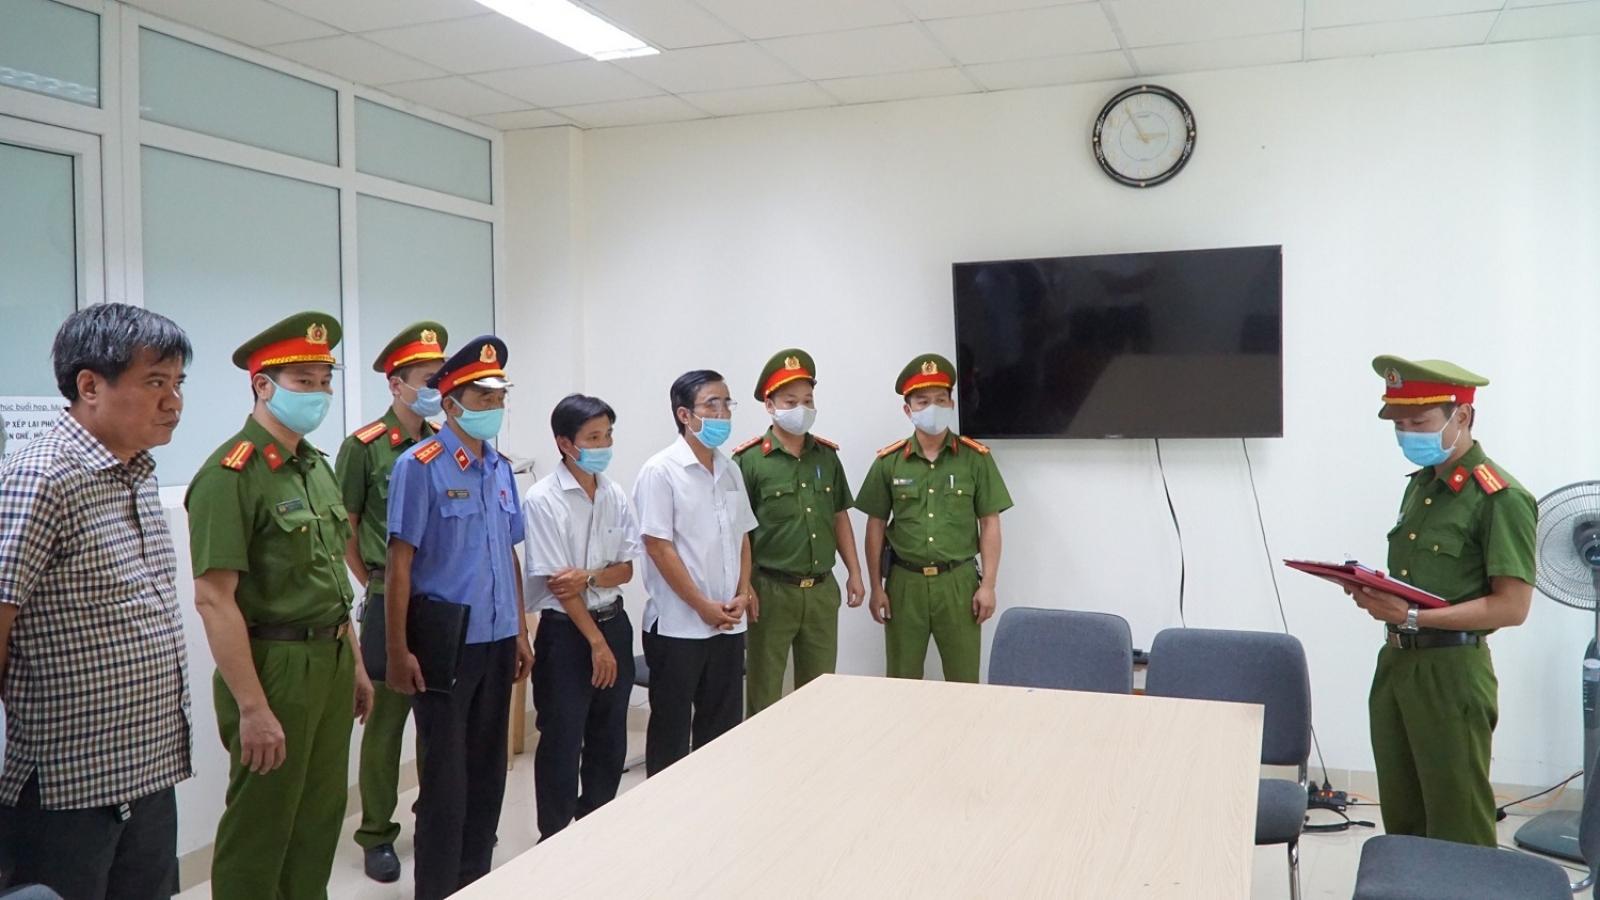 Bắt thêm 3 cán bộ trong đường dây kê khống hơn 350 mộ giả ở Thừa Thiên Huế